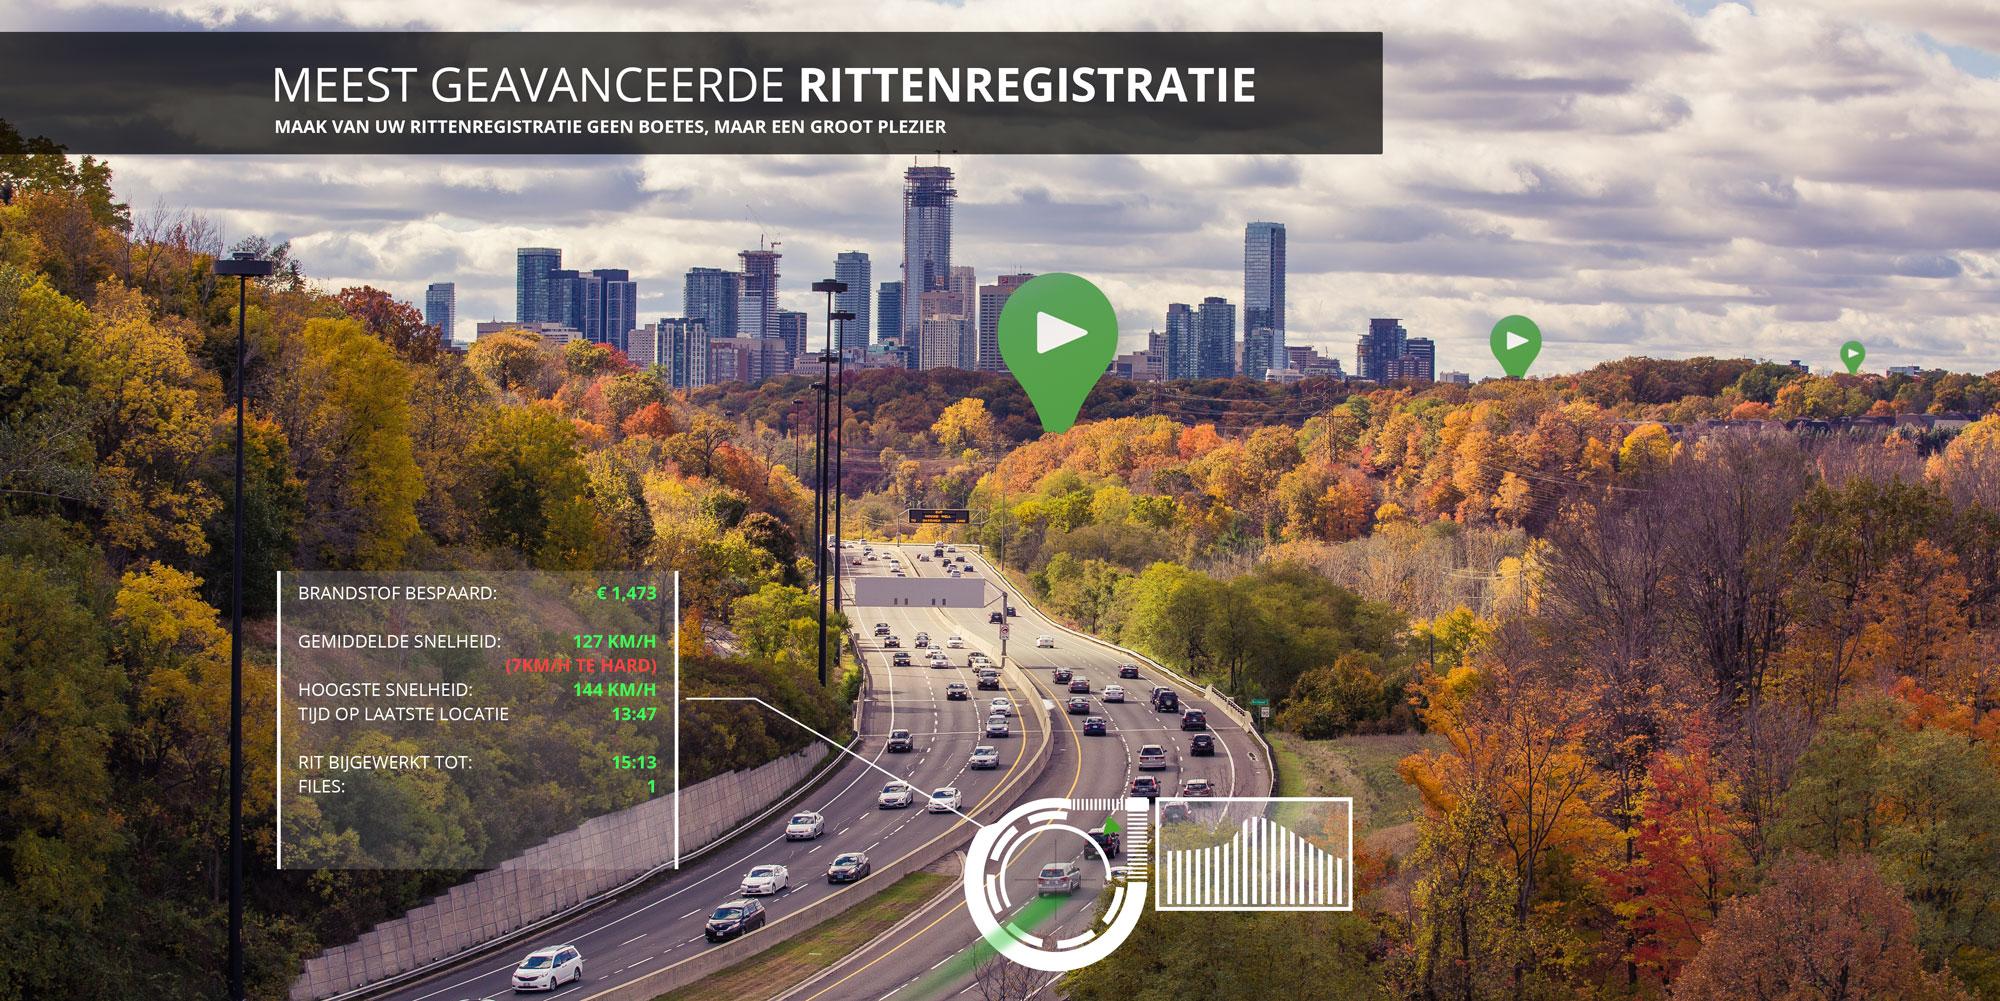 Meest Geavanceerde Rittenregistratie RouteVision